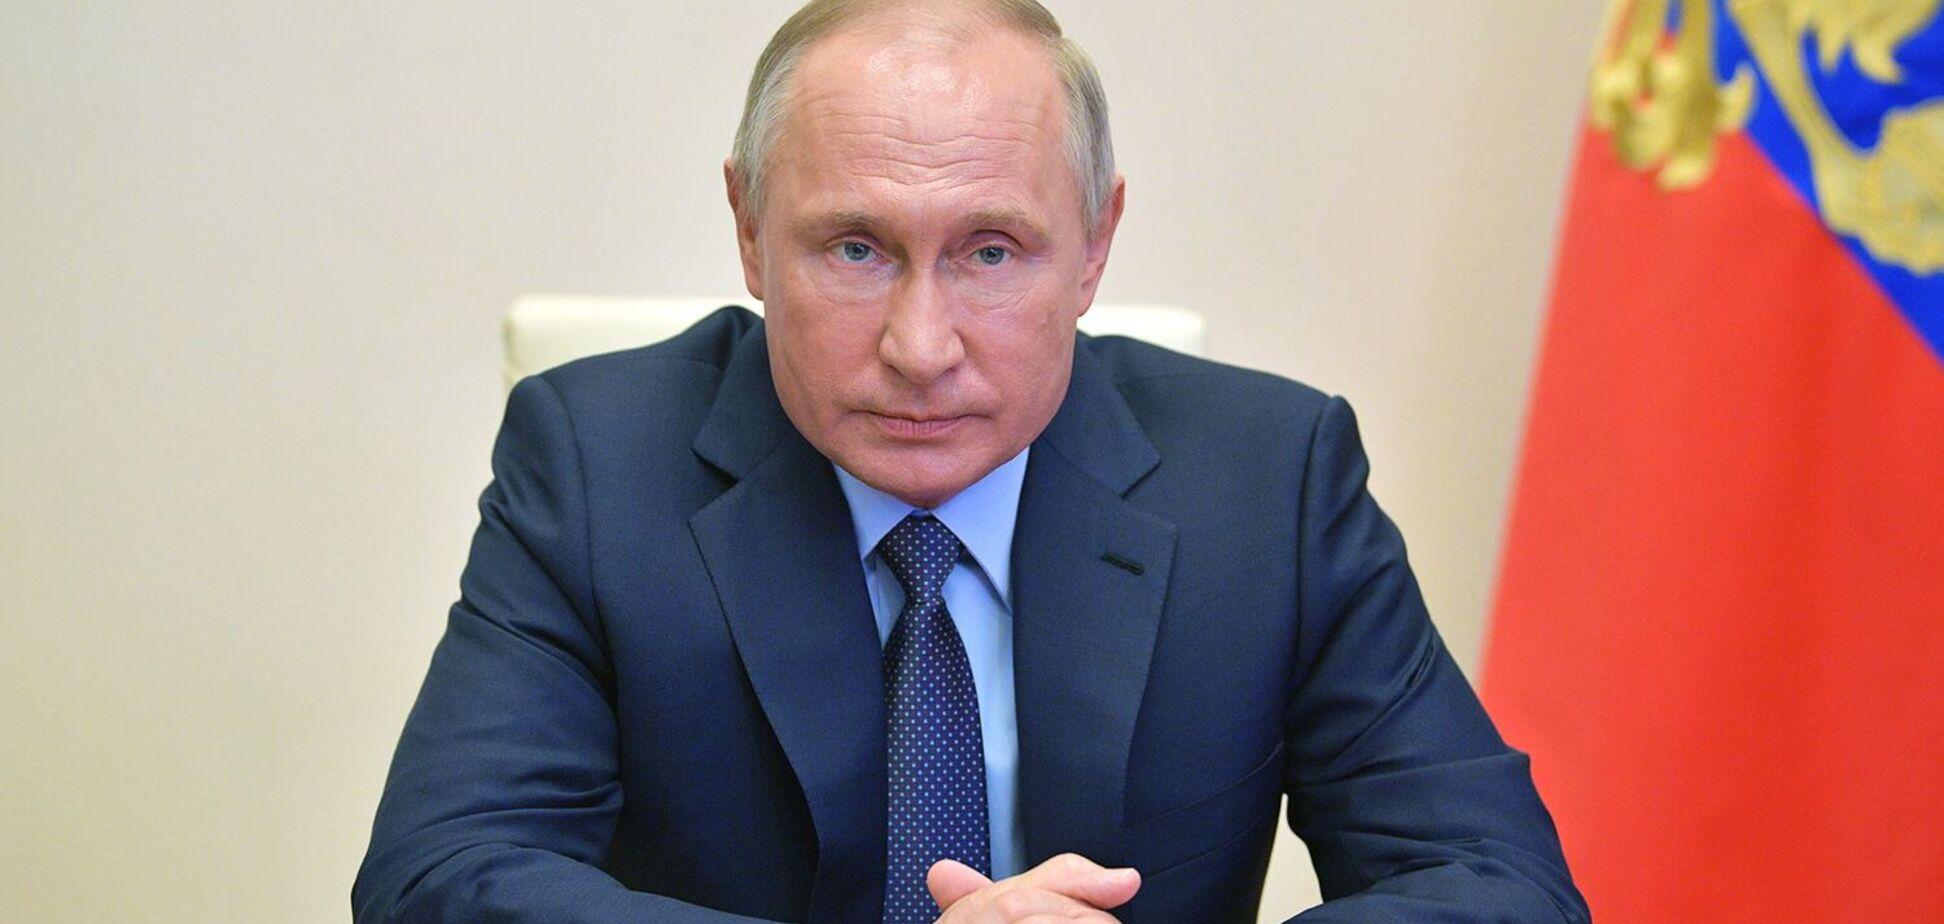 Президент Росії Володимир Путін запропонував довічне сенаторство для екс-президента